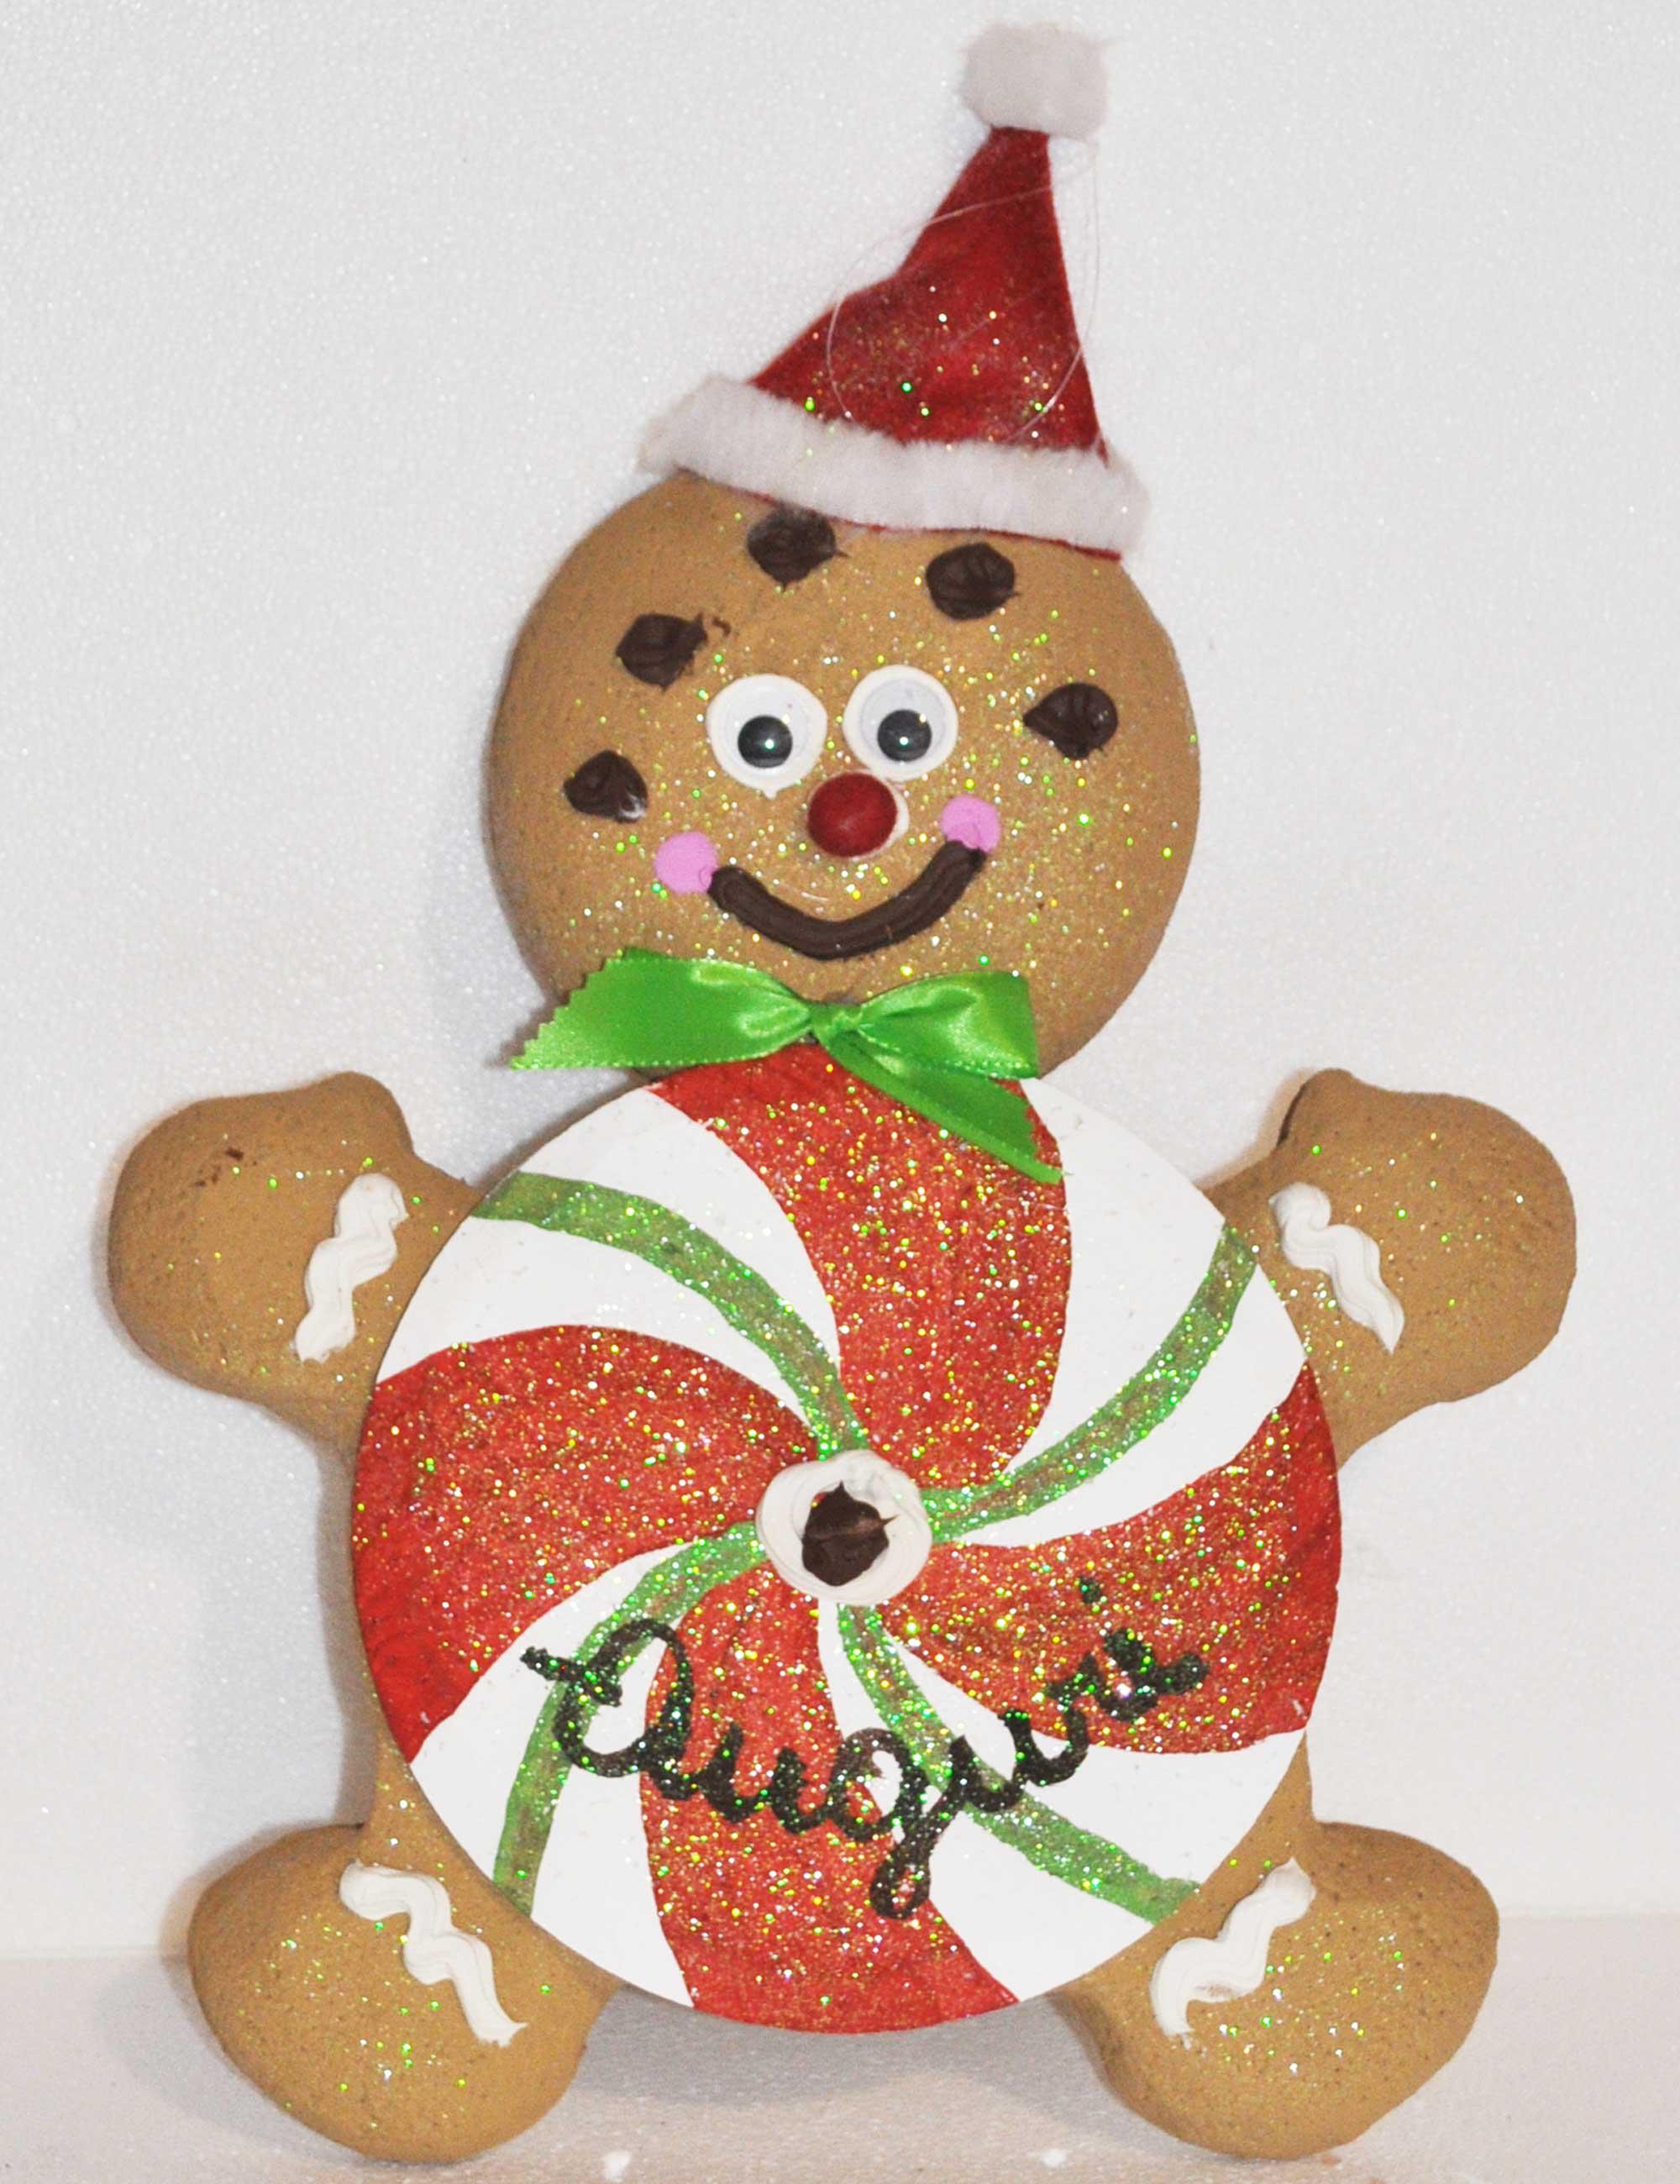 Ginger Lolly Maschio altezza 40cm decorazione natalizia negozi e vetrine